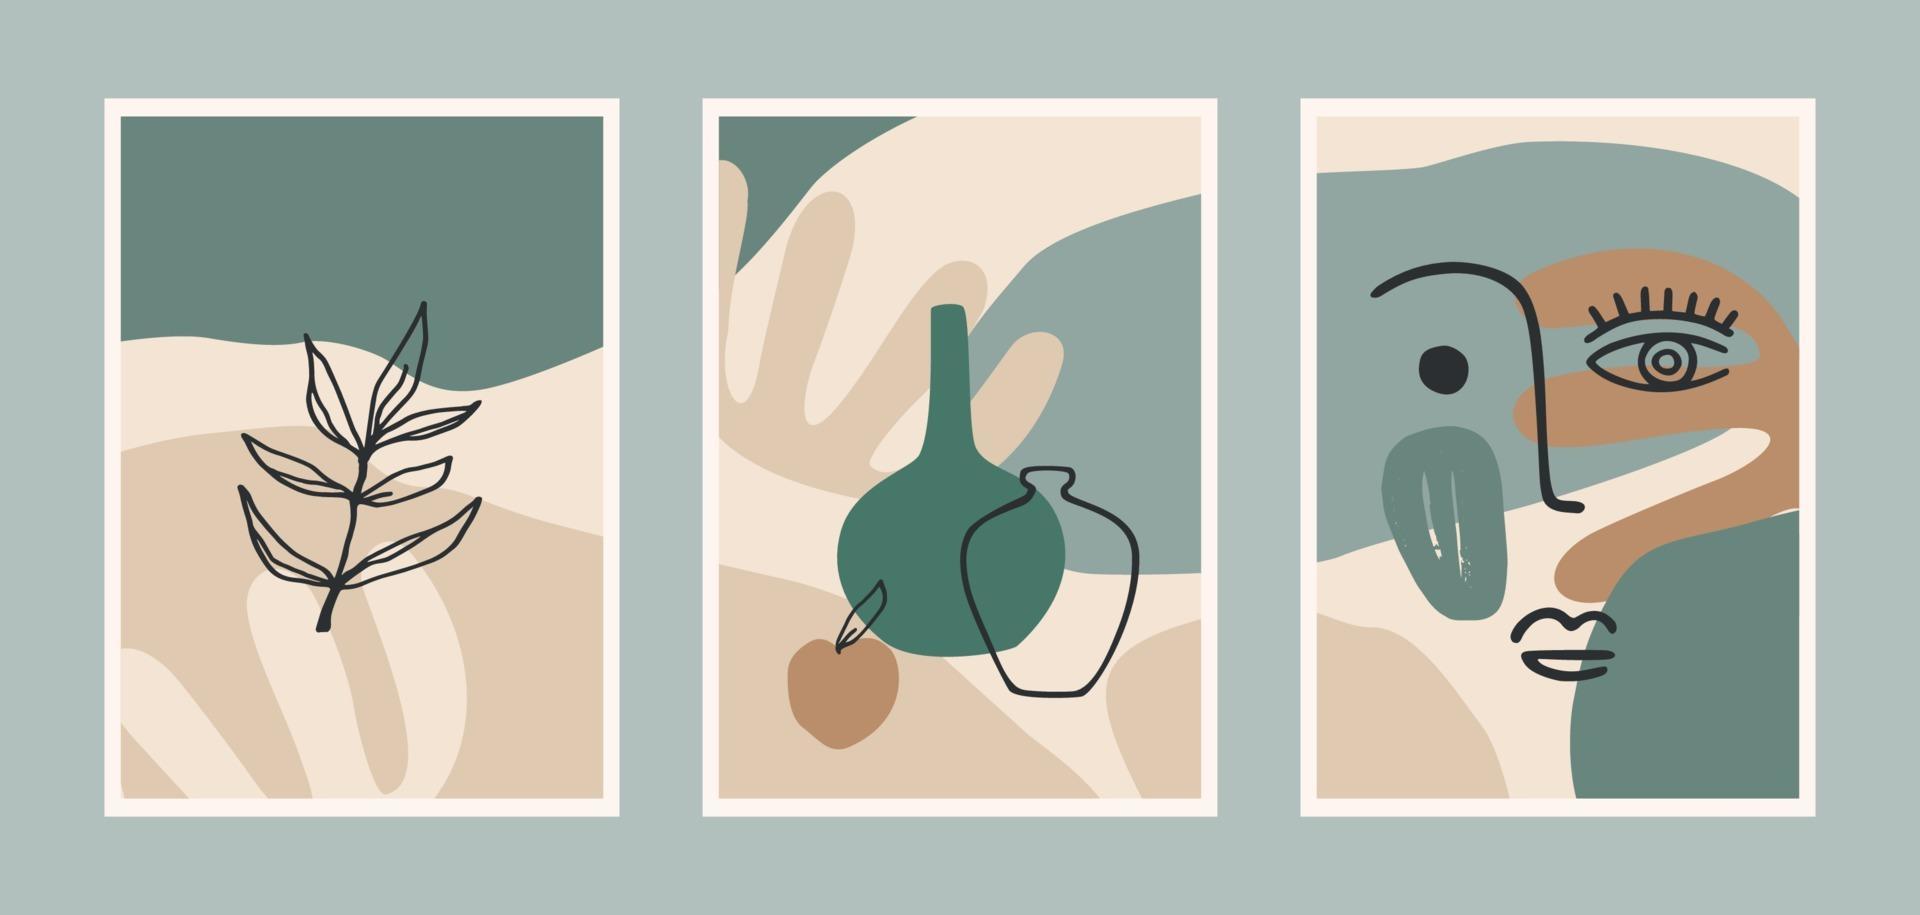 Satz zeitgenössischer Kunstdrucke. Strichzeichnungen. modernes Vektordesign für Plakate, Karten, Verpackungen und mehr vektor